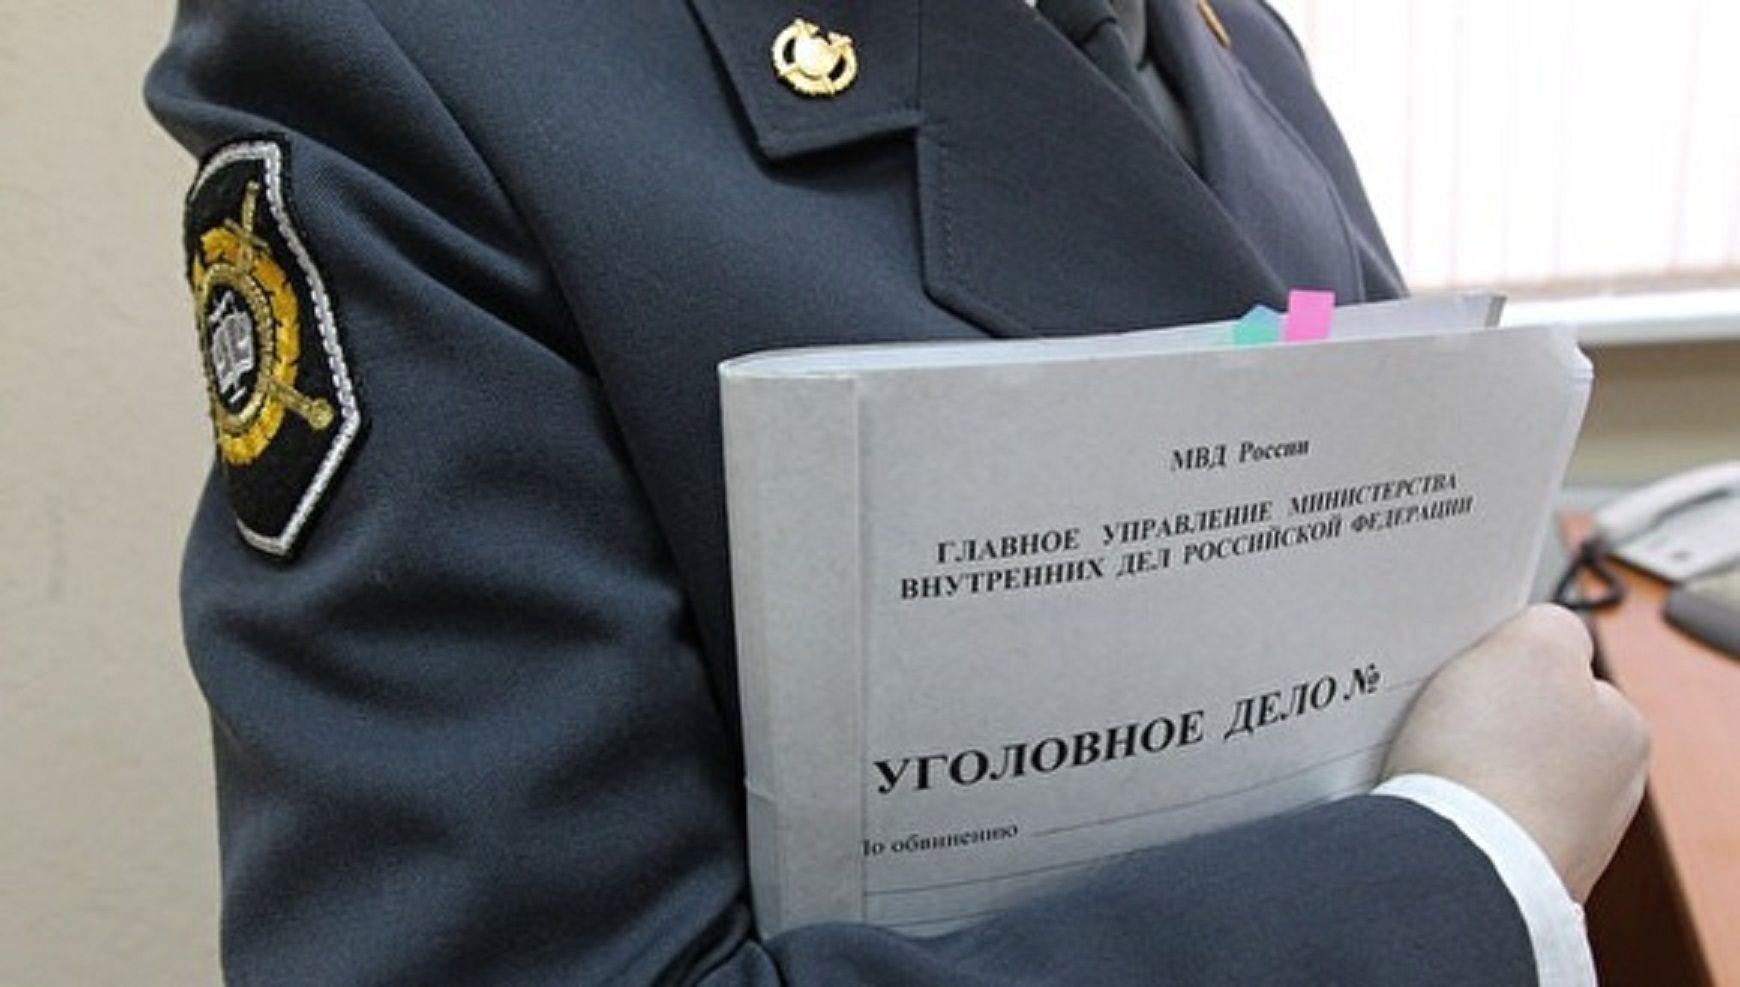 Пятигорский суд поместил под домашний арест высокопоставленного чиновника Ингушетии